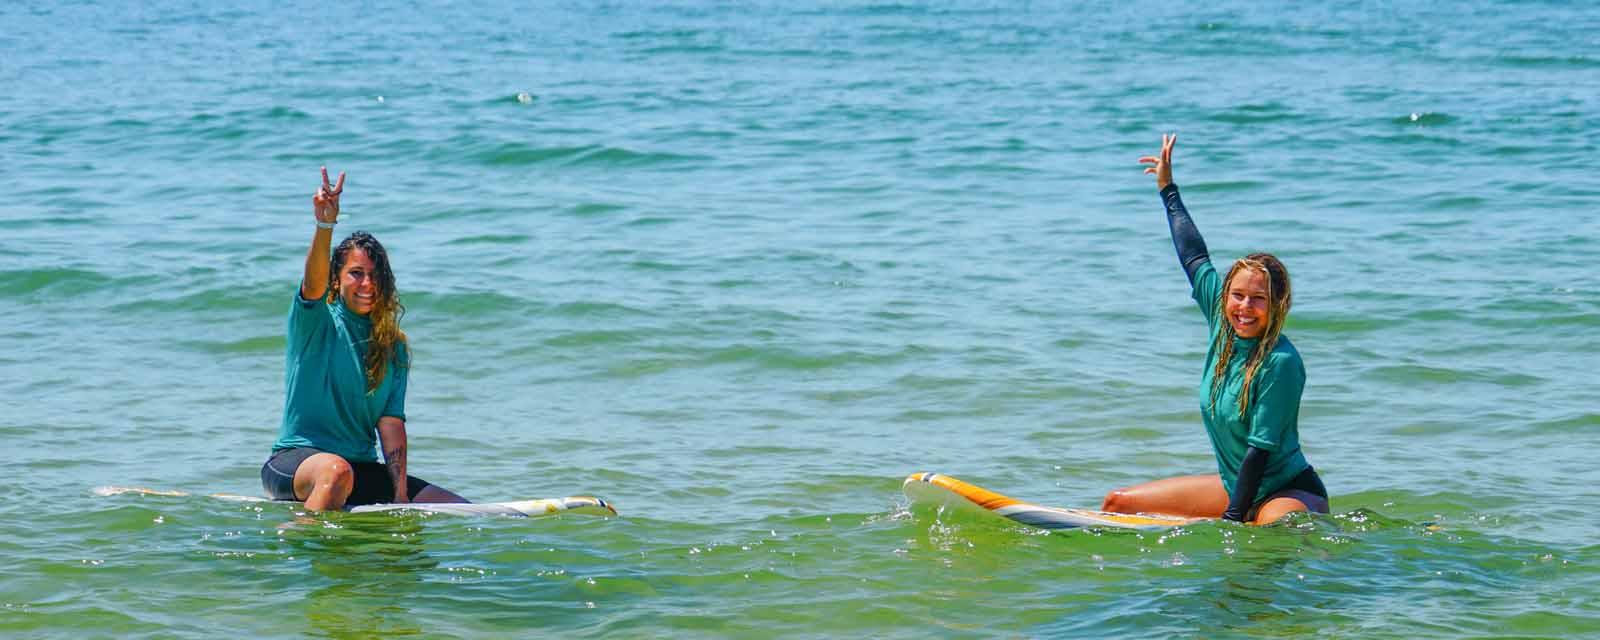 surfin-trip